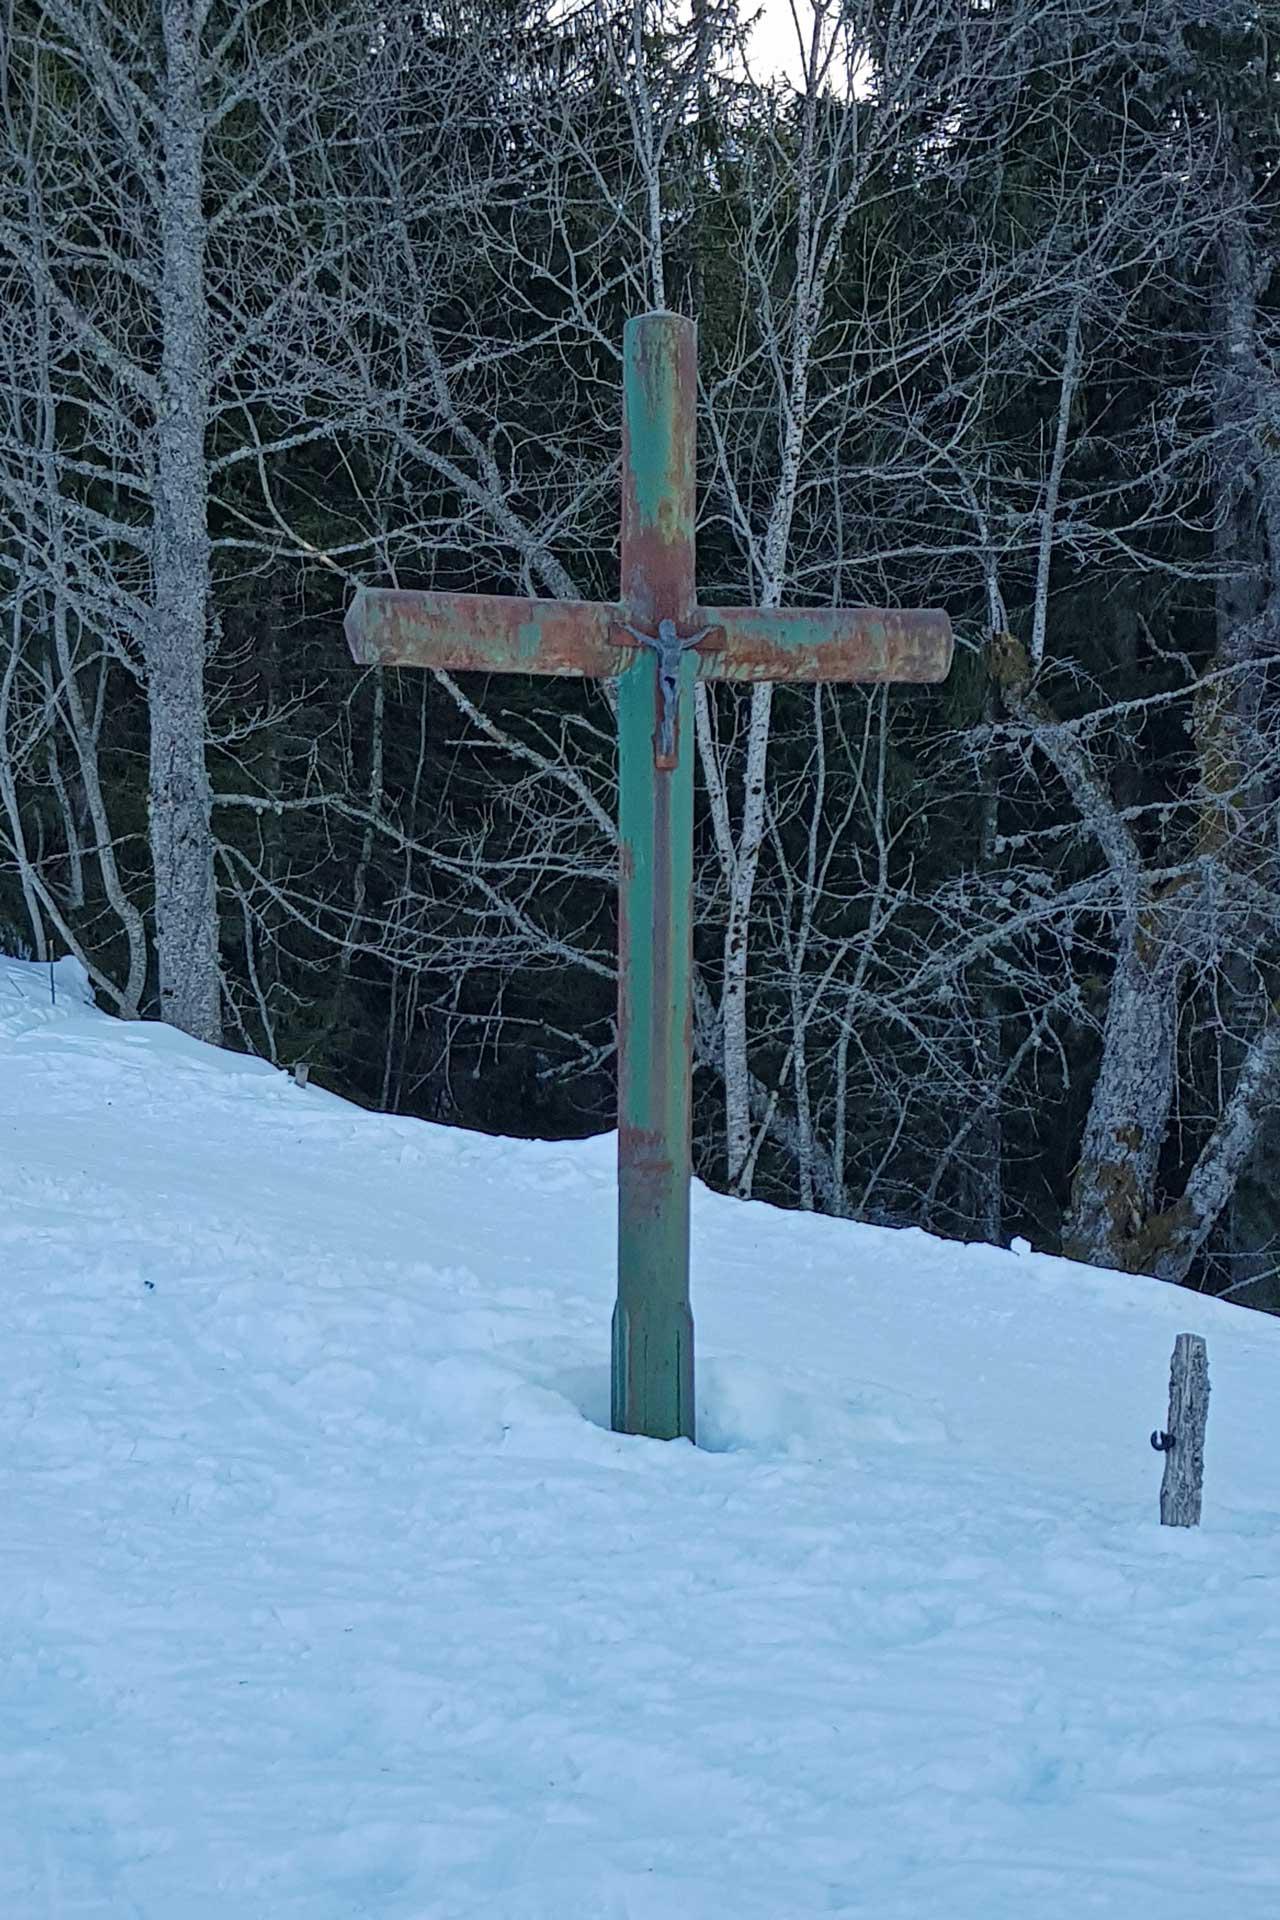 Croix de bois, croix de fer...